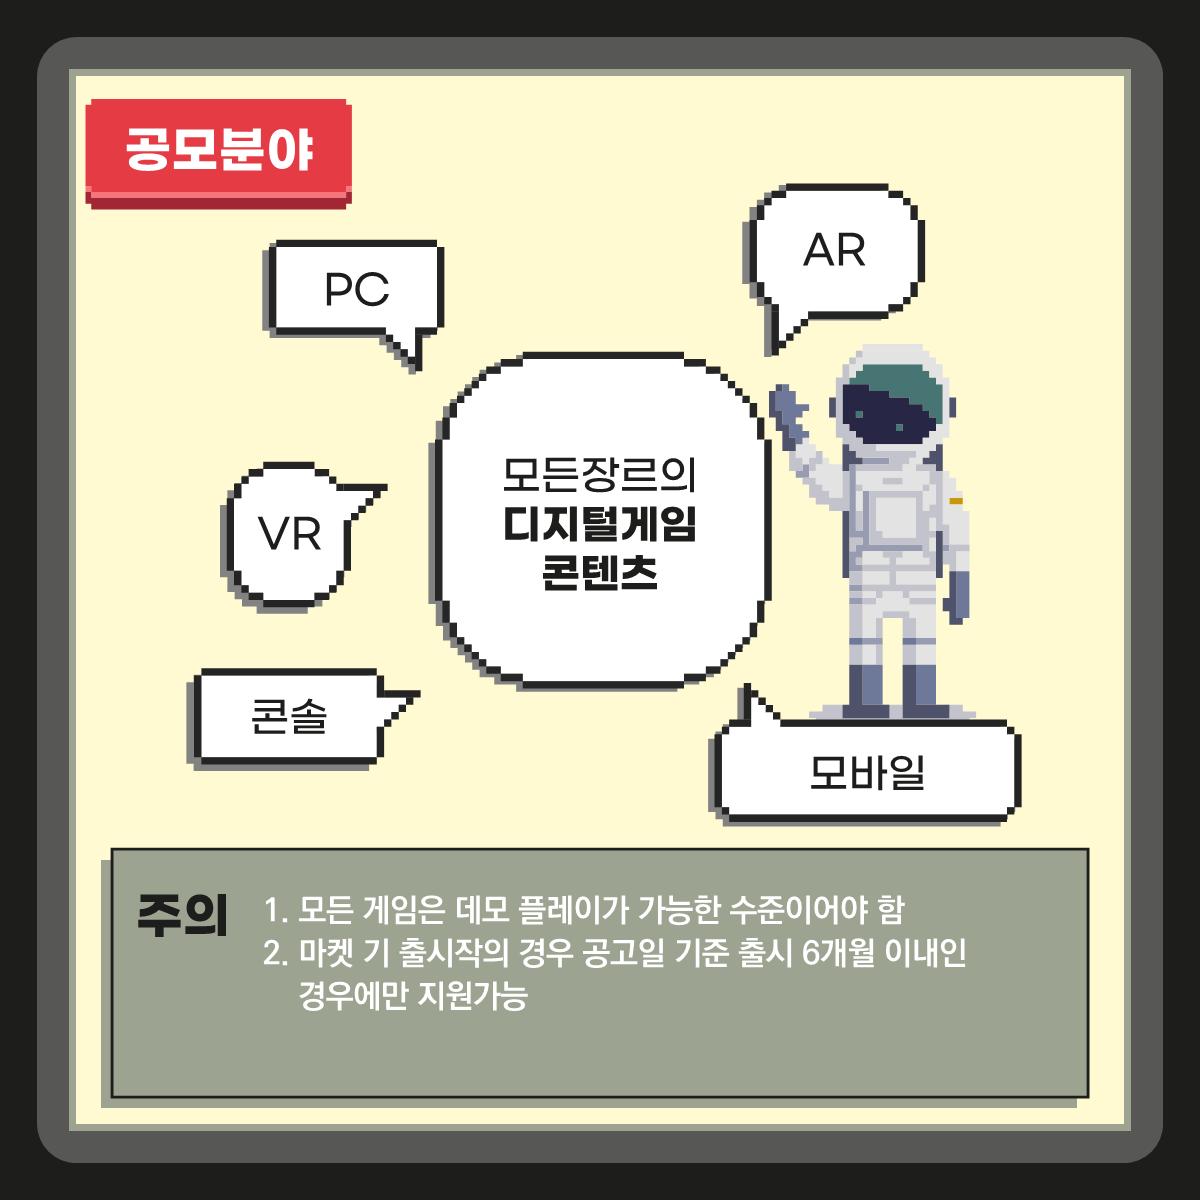 0818_부스타게임챌린지_3.png